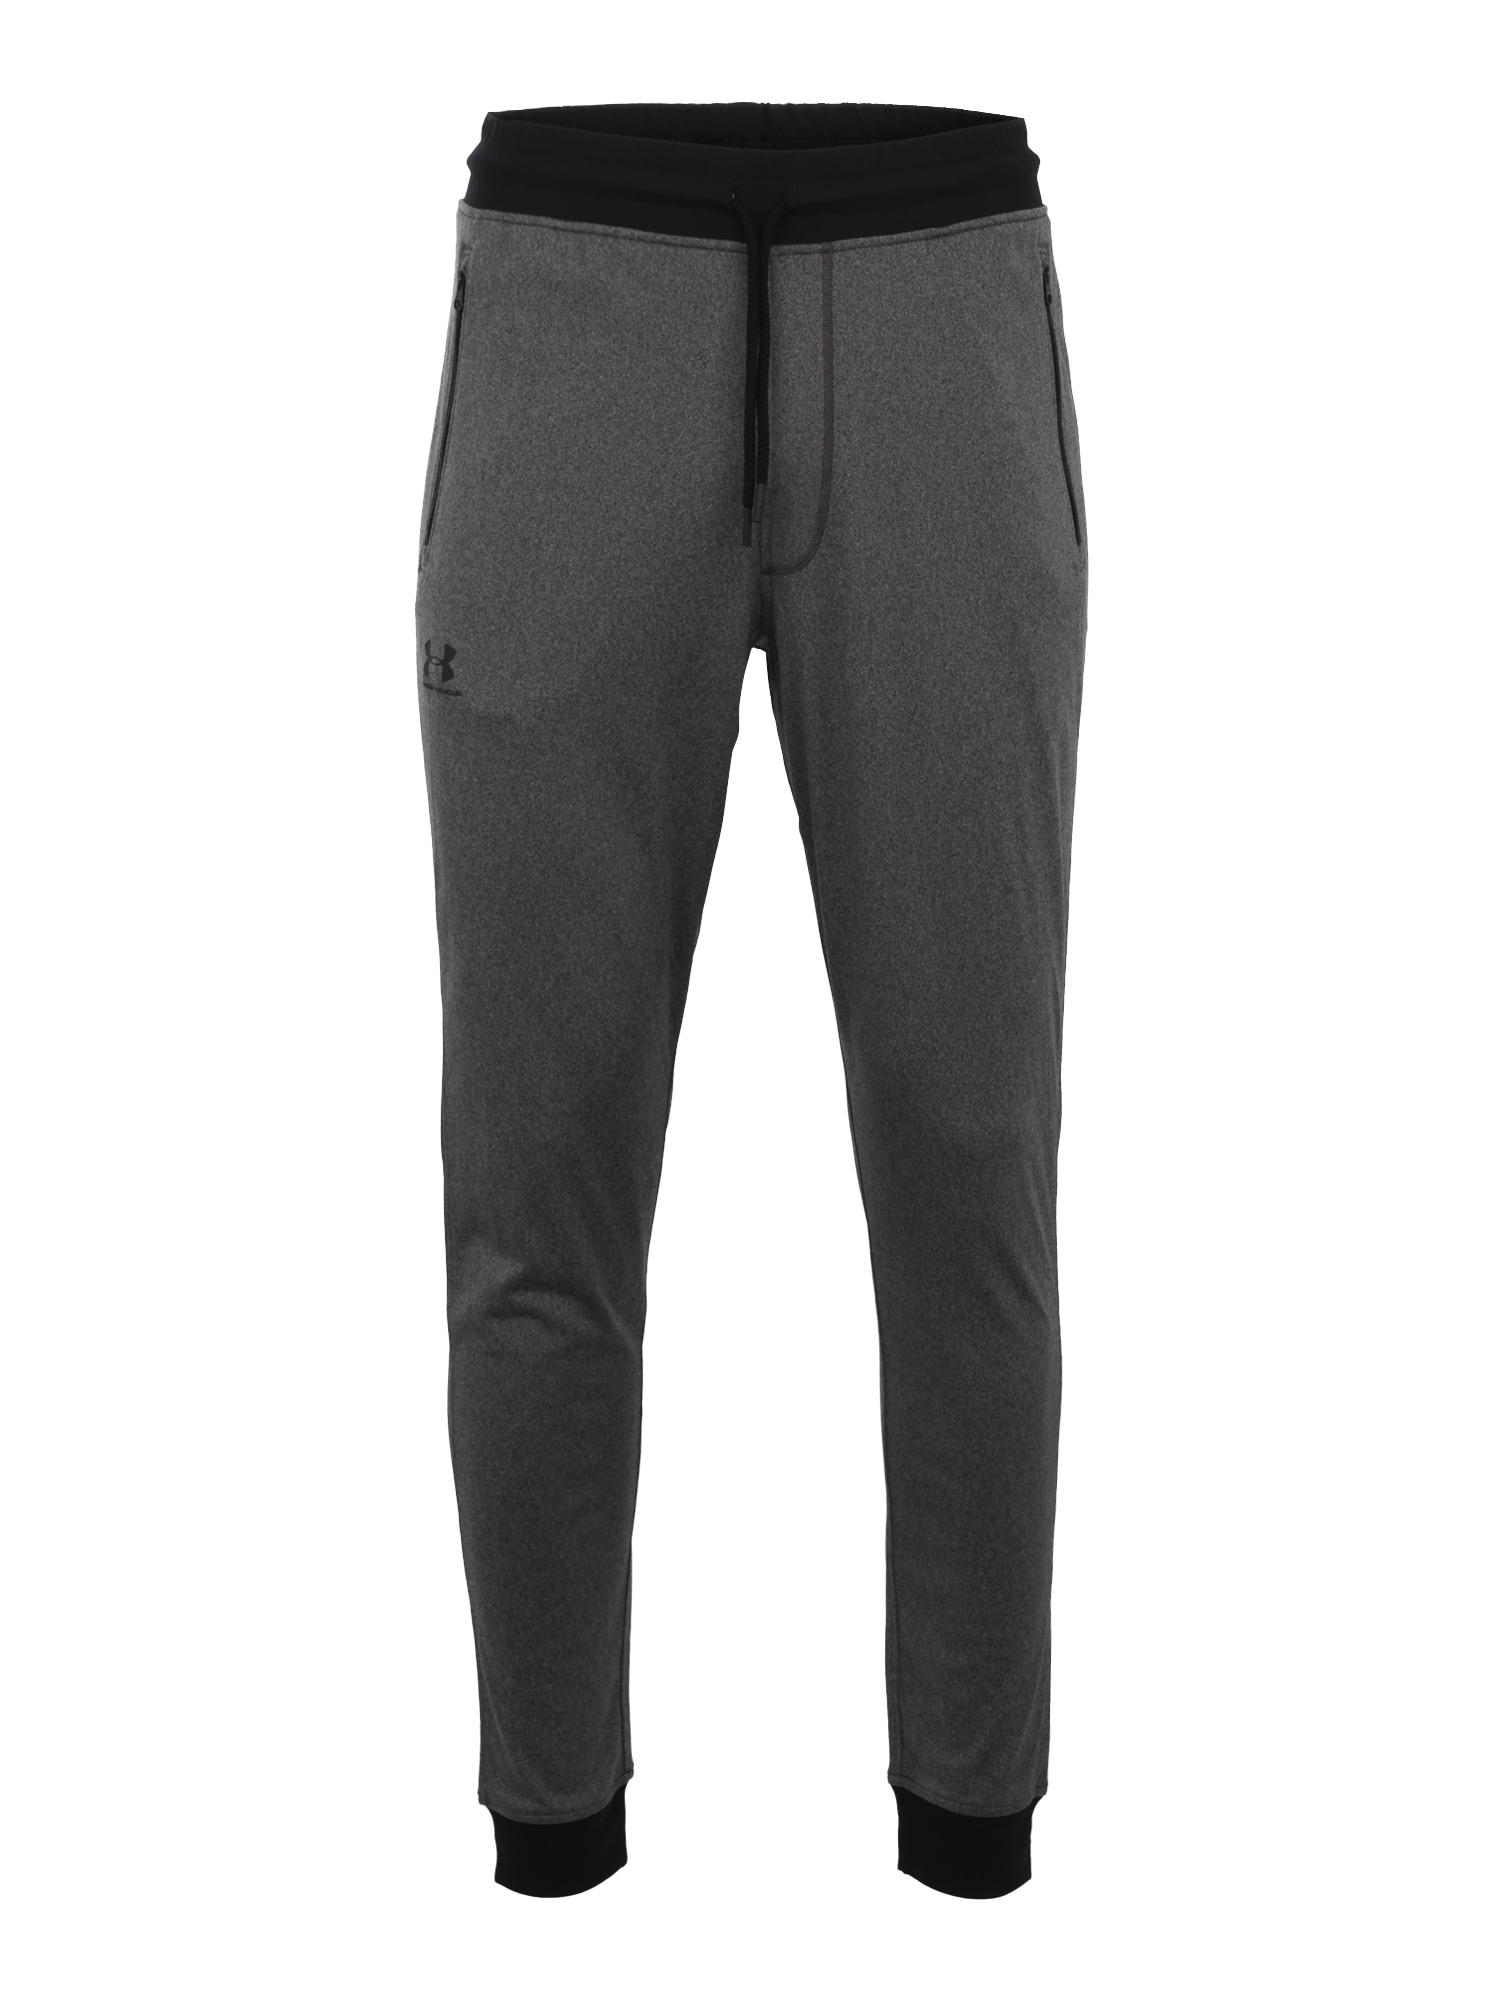 UNDER ARMOUR Sportinės kelnės juoda / margai pilka